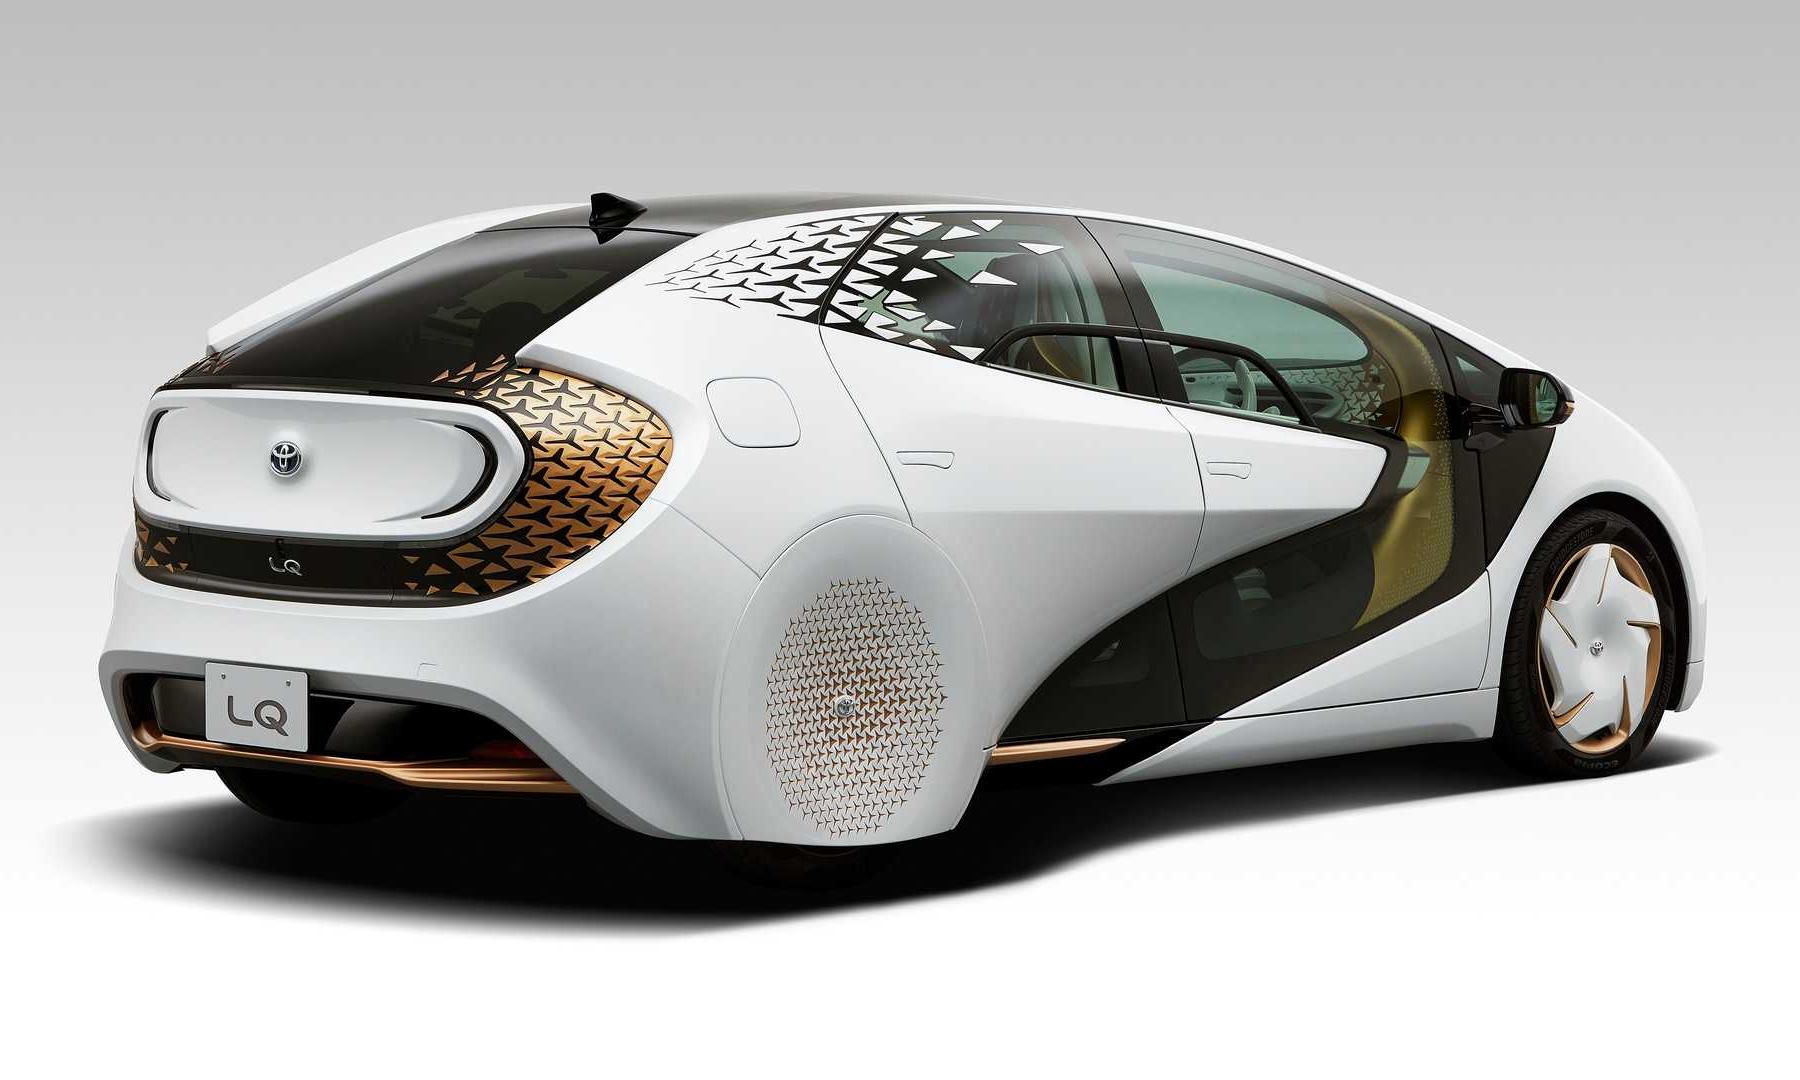 Nguồn năng lượng mới, 1 lần cắm điện ô tô đi cả ngàn cây số